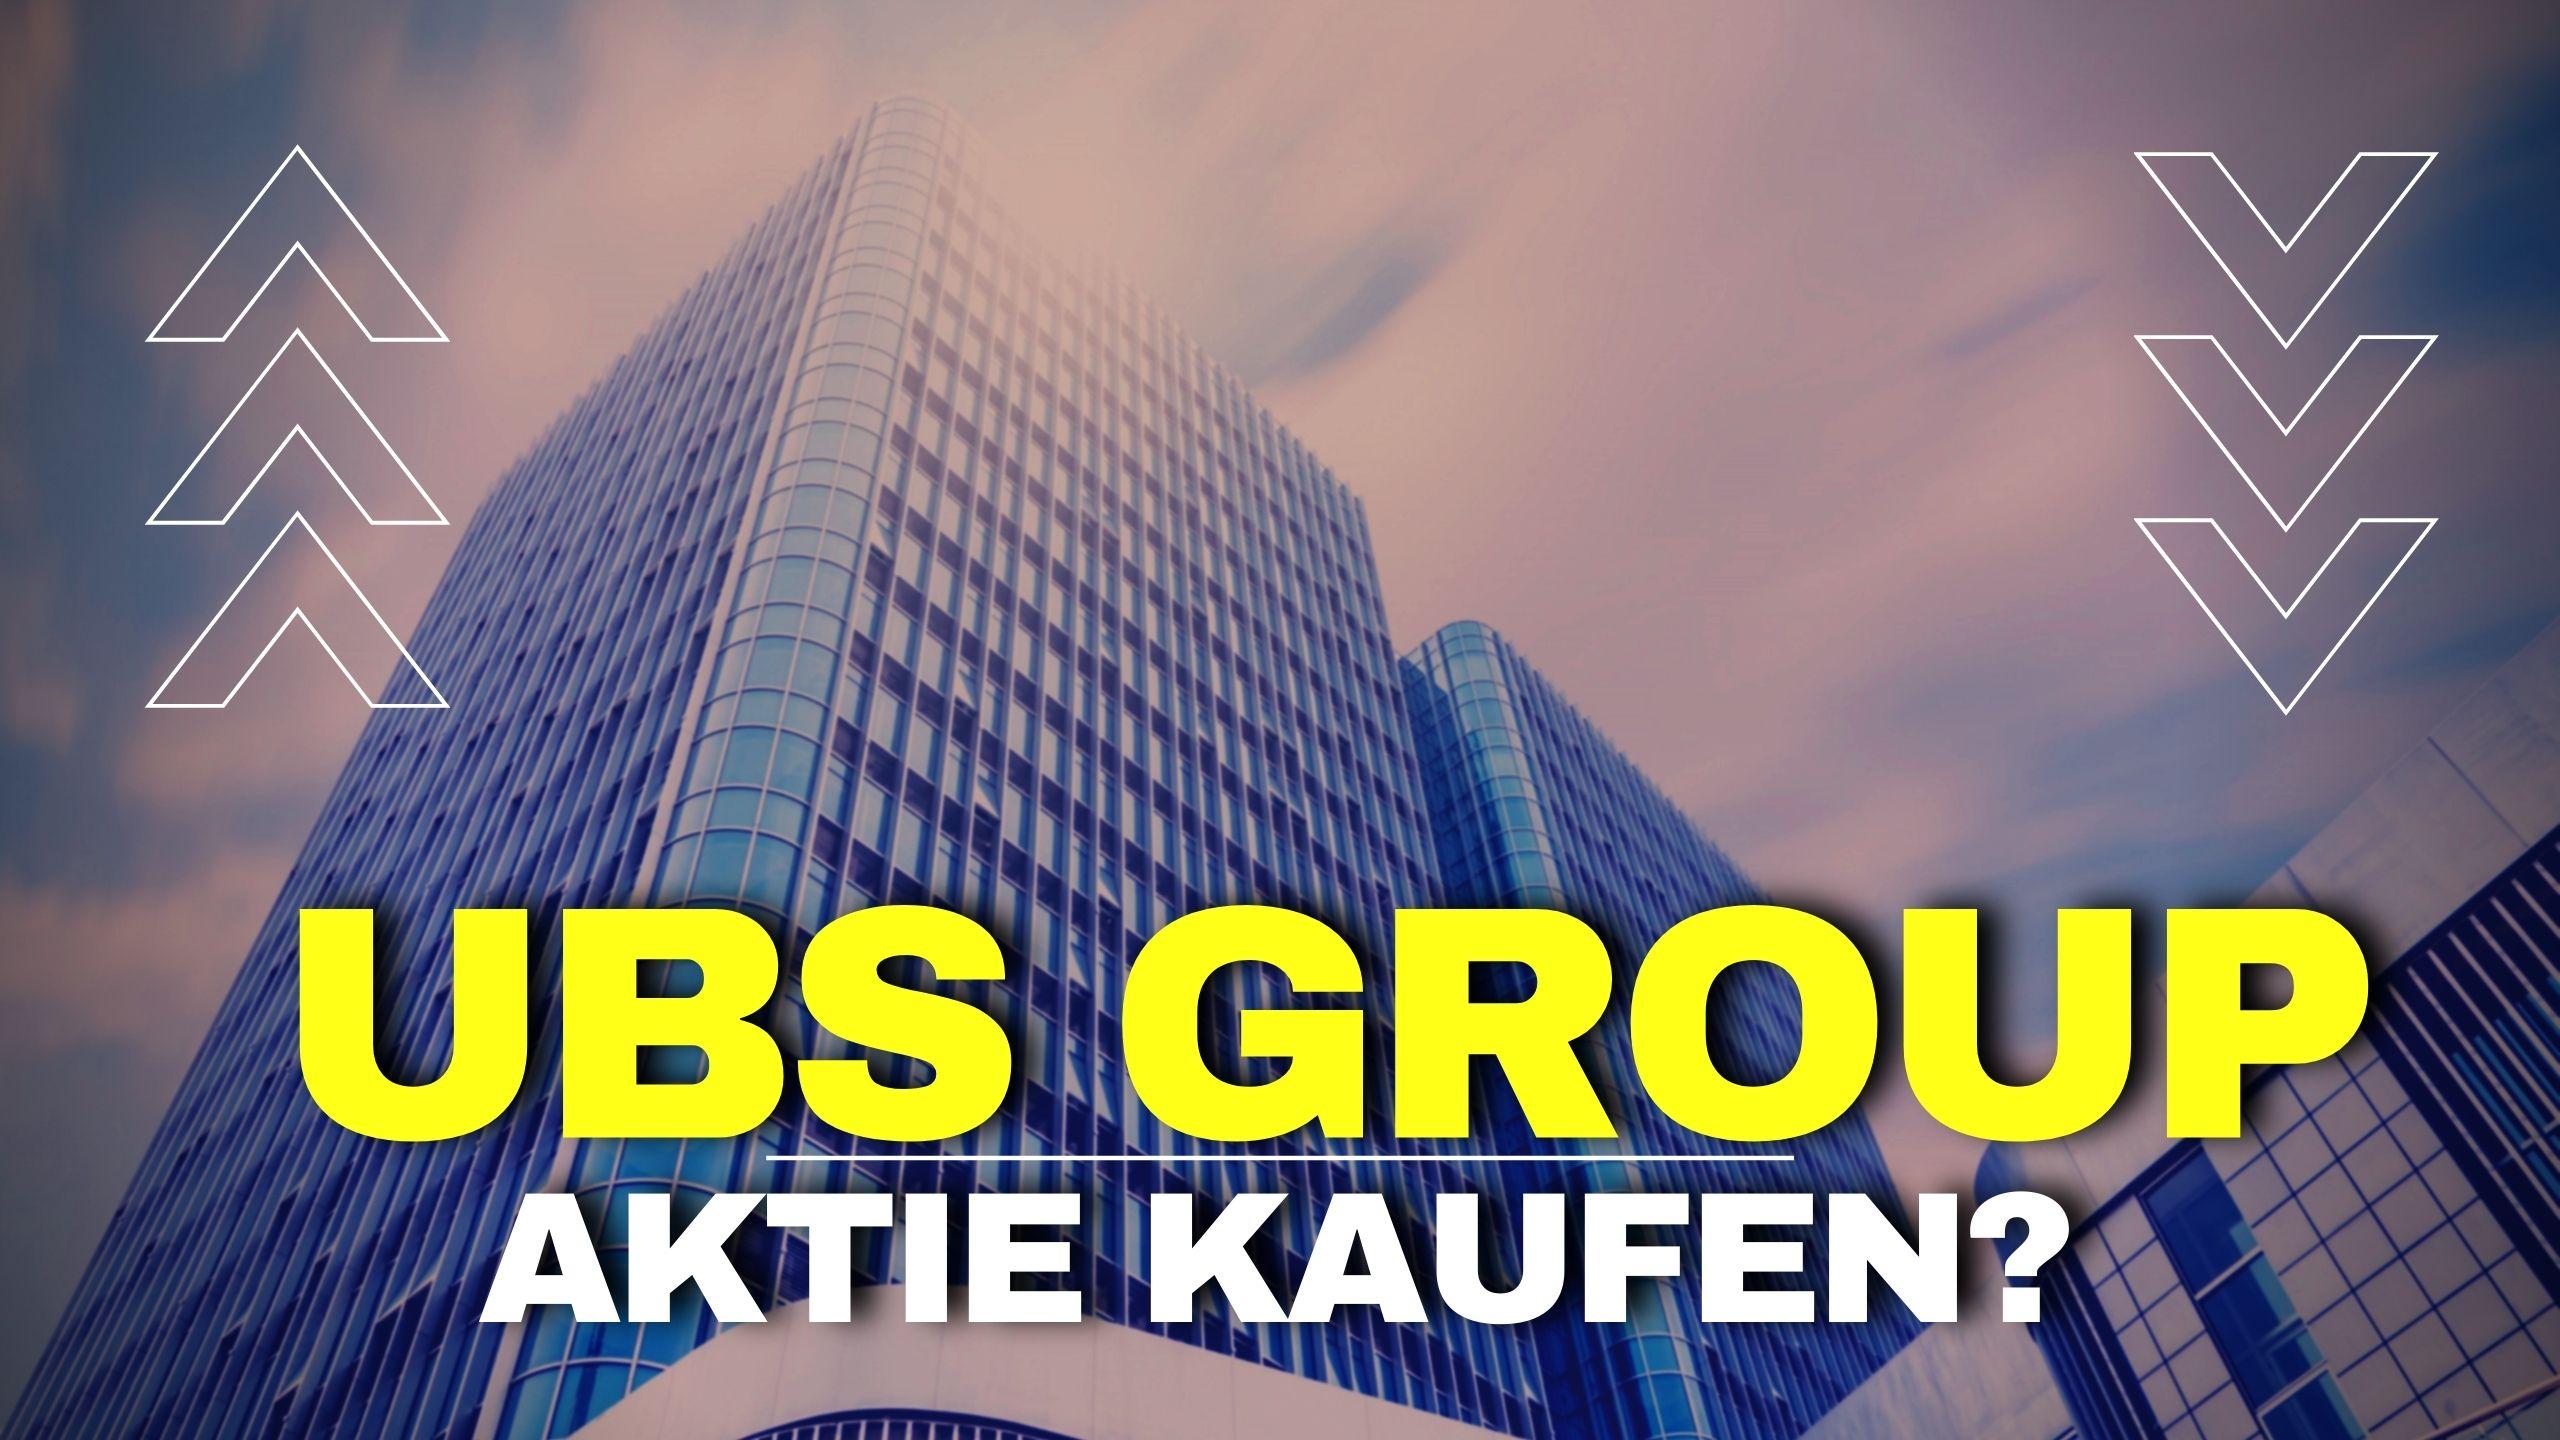 UBS Group Aktie kaufen 2021